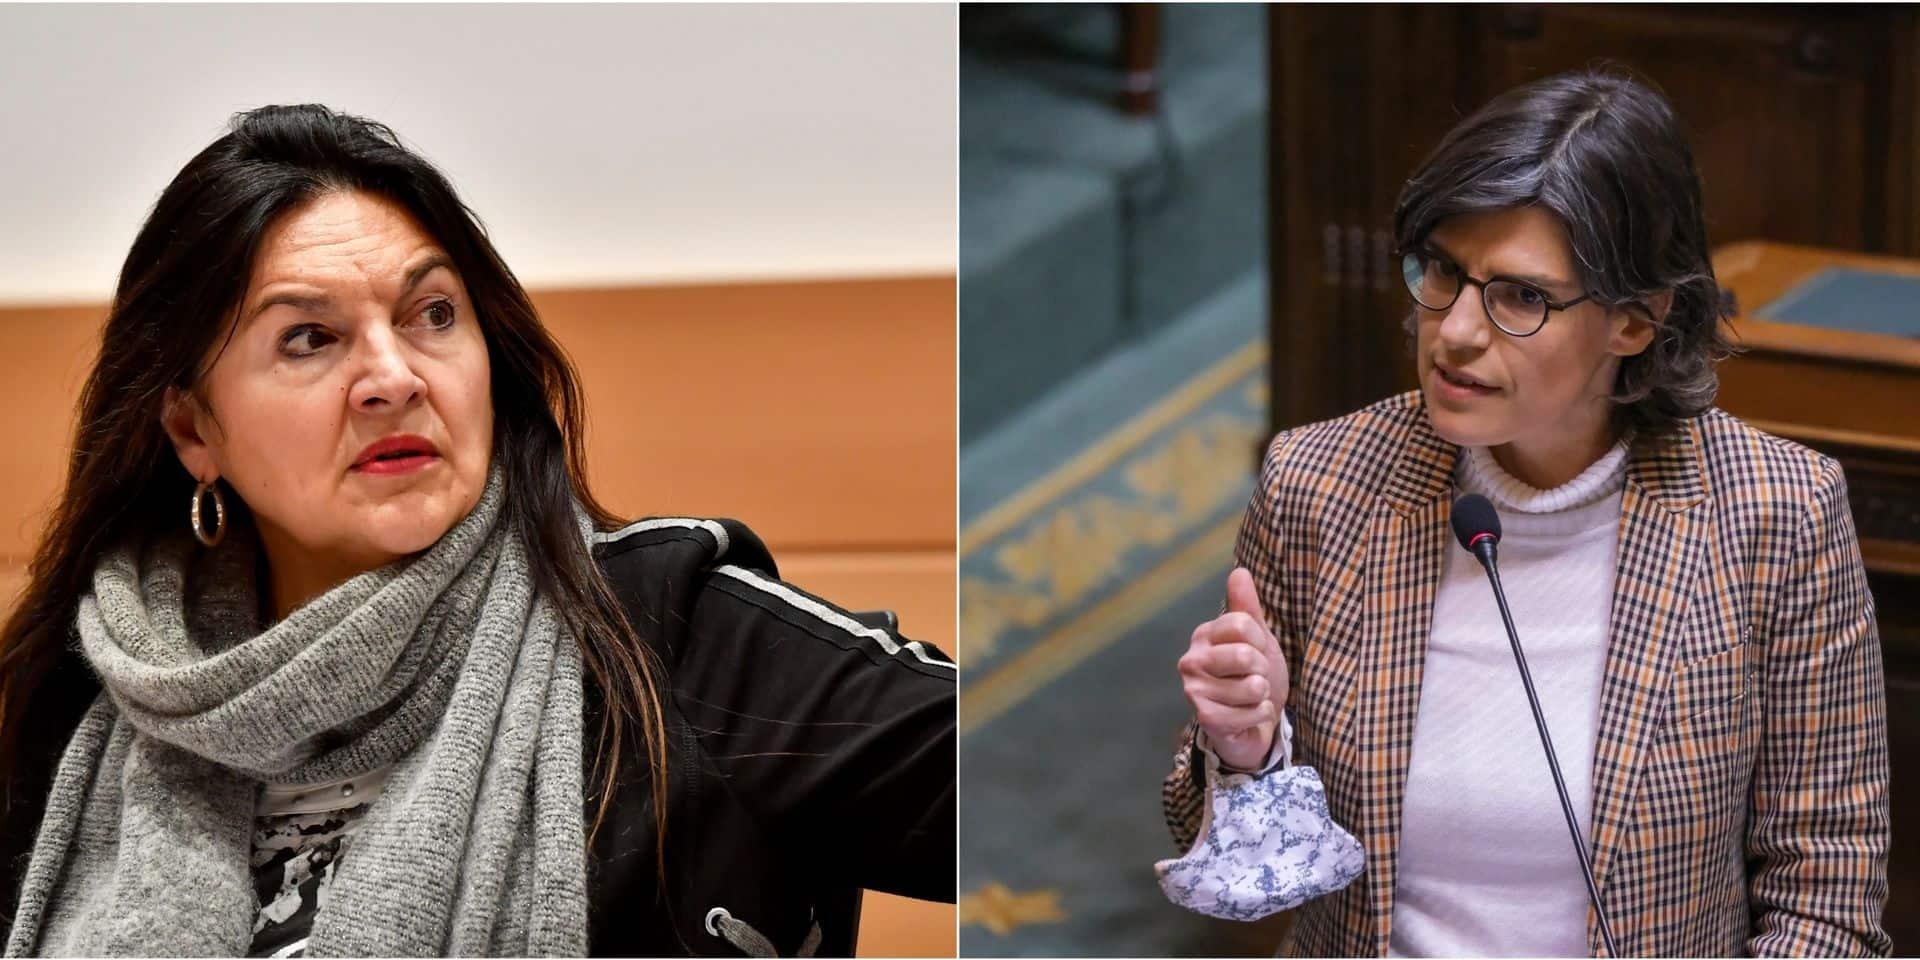 Des divergences entre l'ancienne ministre de l'Energie Marie Christine Marghem (MR), et l'actuelle ministre Tinne Van der Straeten (Groen).